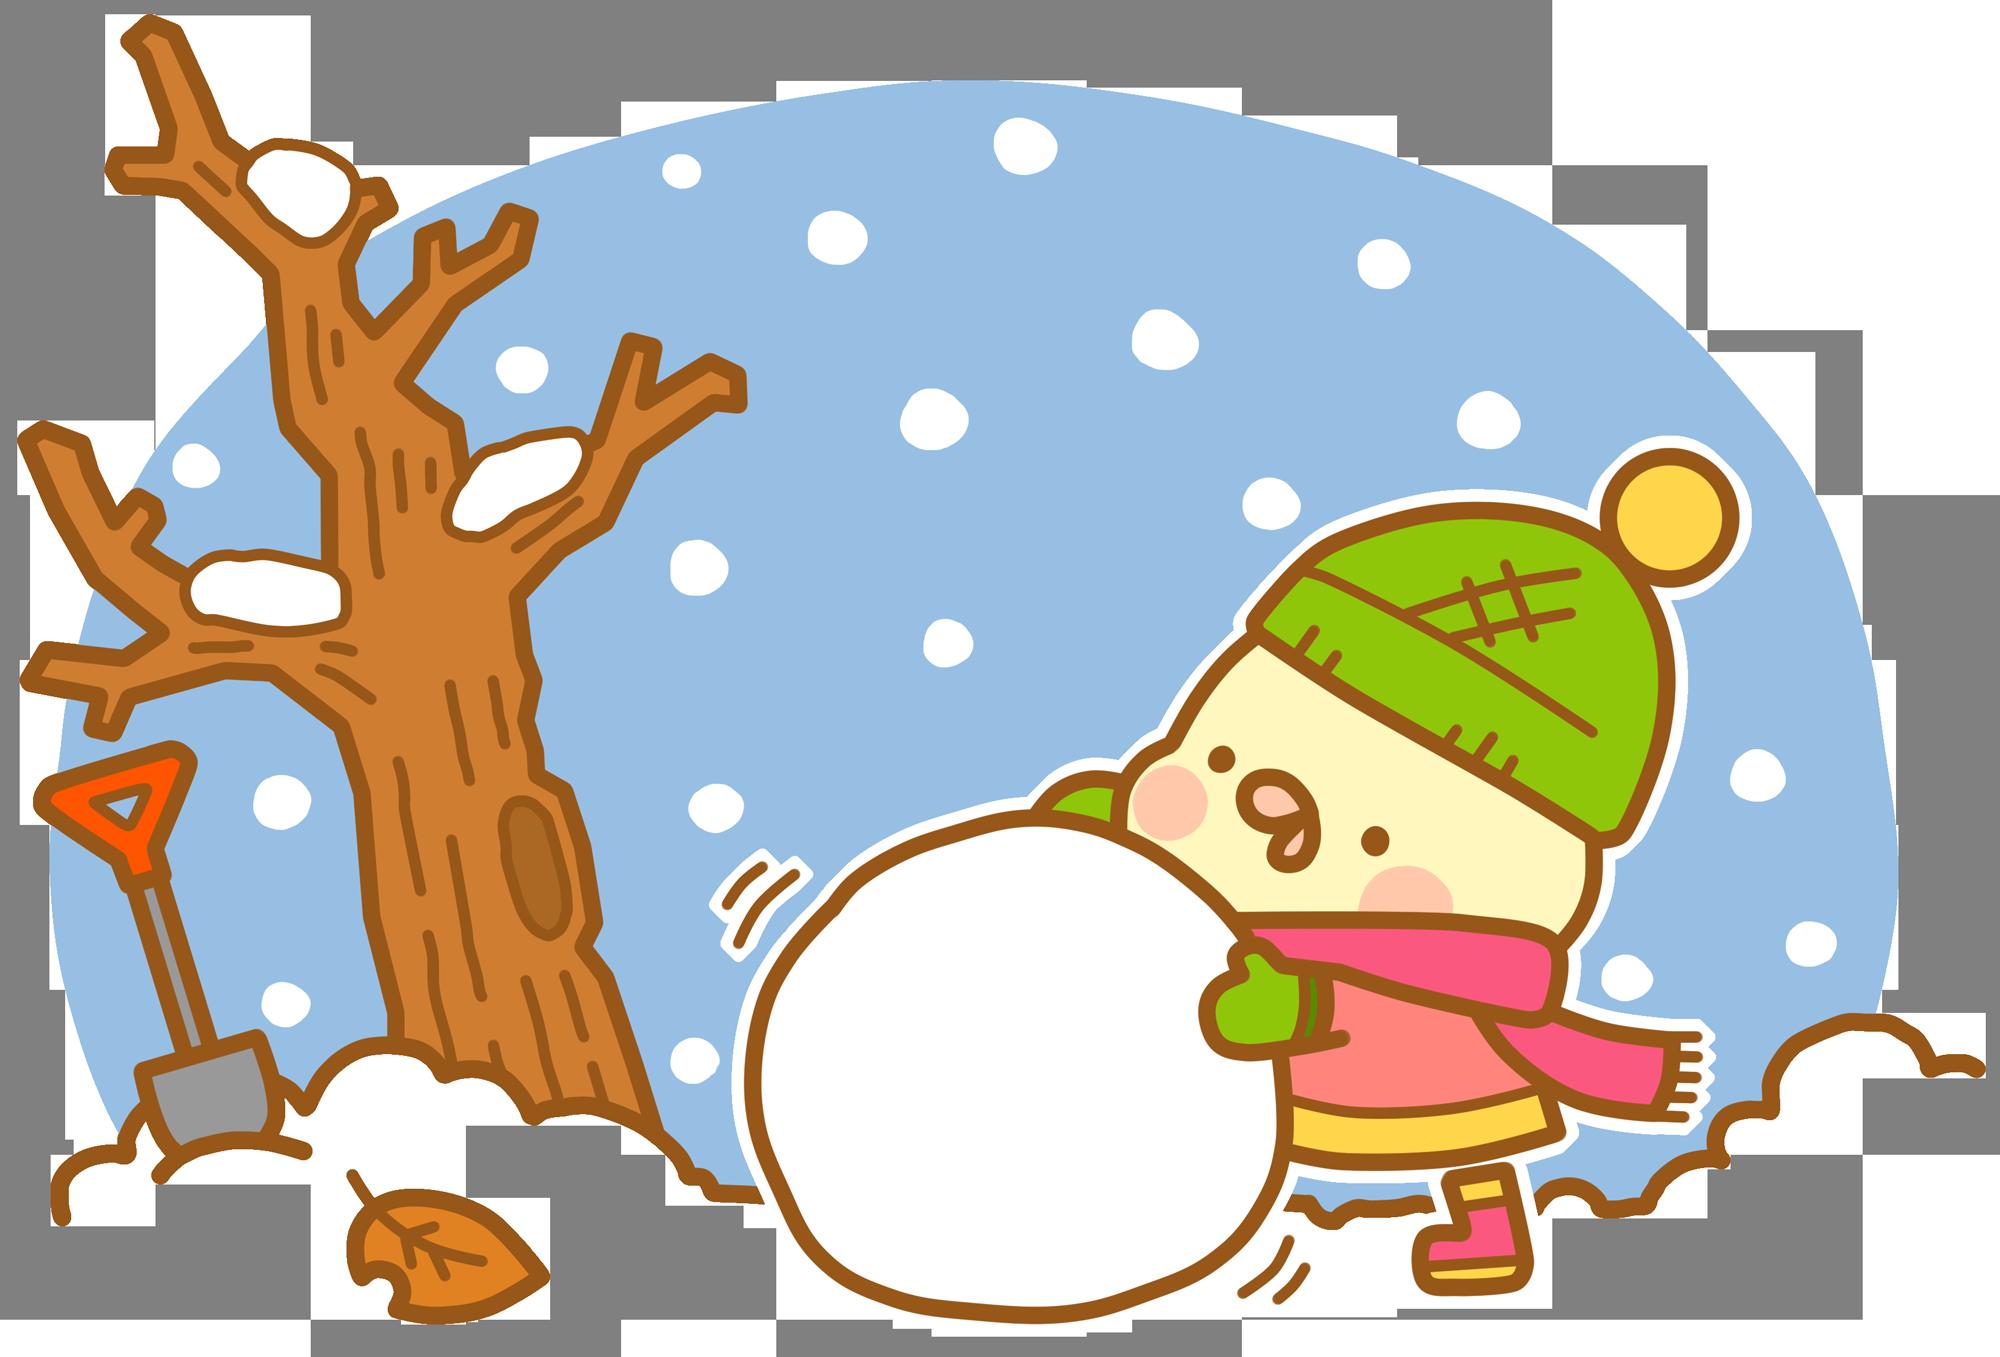 おたよりに使える12月のfine保育士 無料イラスト集ファインコ編